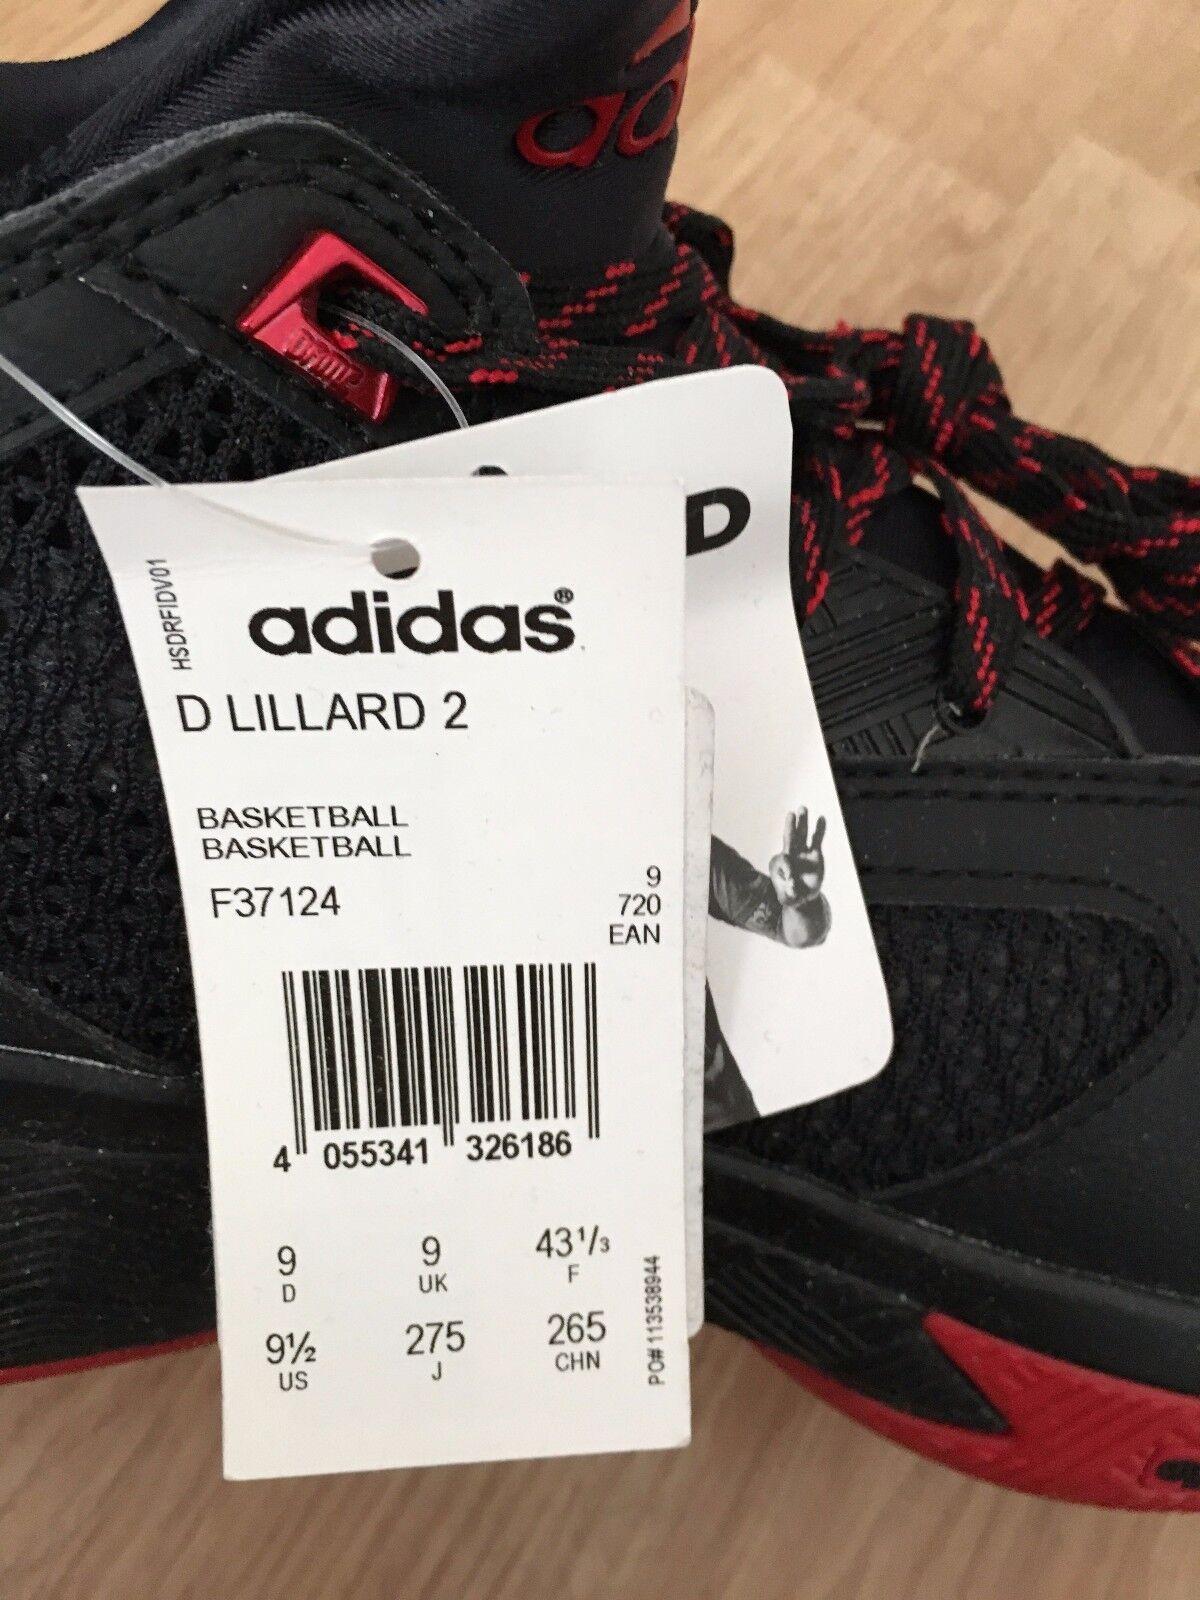 Adidas Adidas Adidas d lillard 2 f37124 ROT scarlet schwarze dame damian portland entfernt straße krachen 8e7ae3